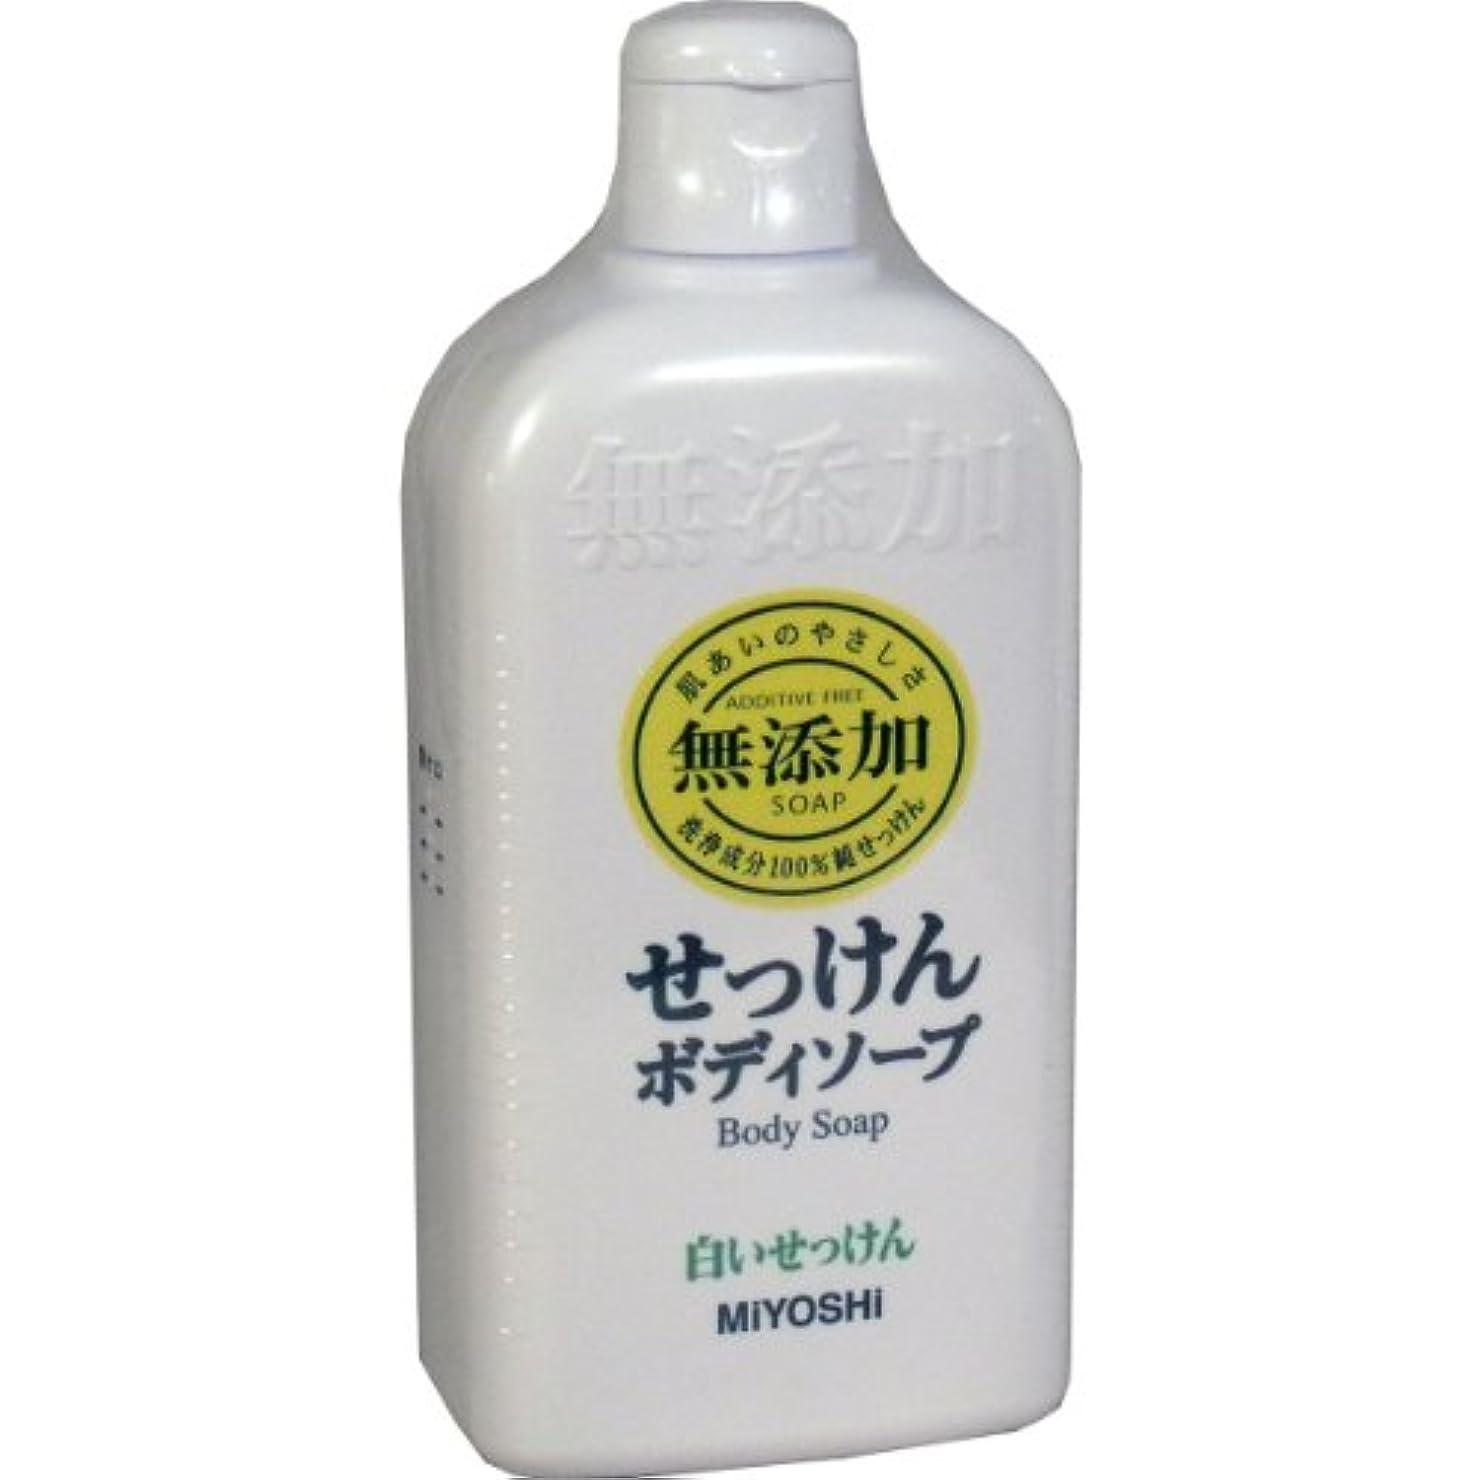 残忍な明らかにする従来の無添加 ボディーソープ 白いせっけん × 10個セット